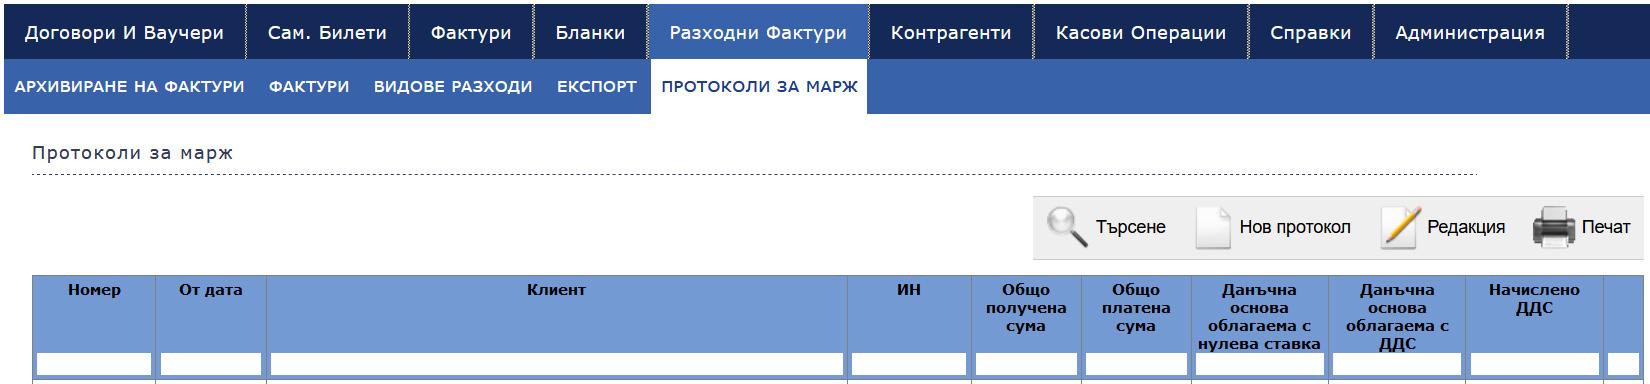 ПРОТОКОЛ ЗА МАРЖ ПО ЧЛ.117 ОТ ЗДДС